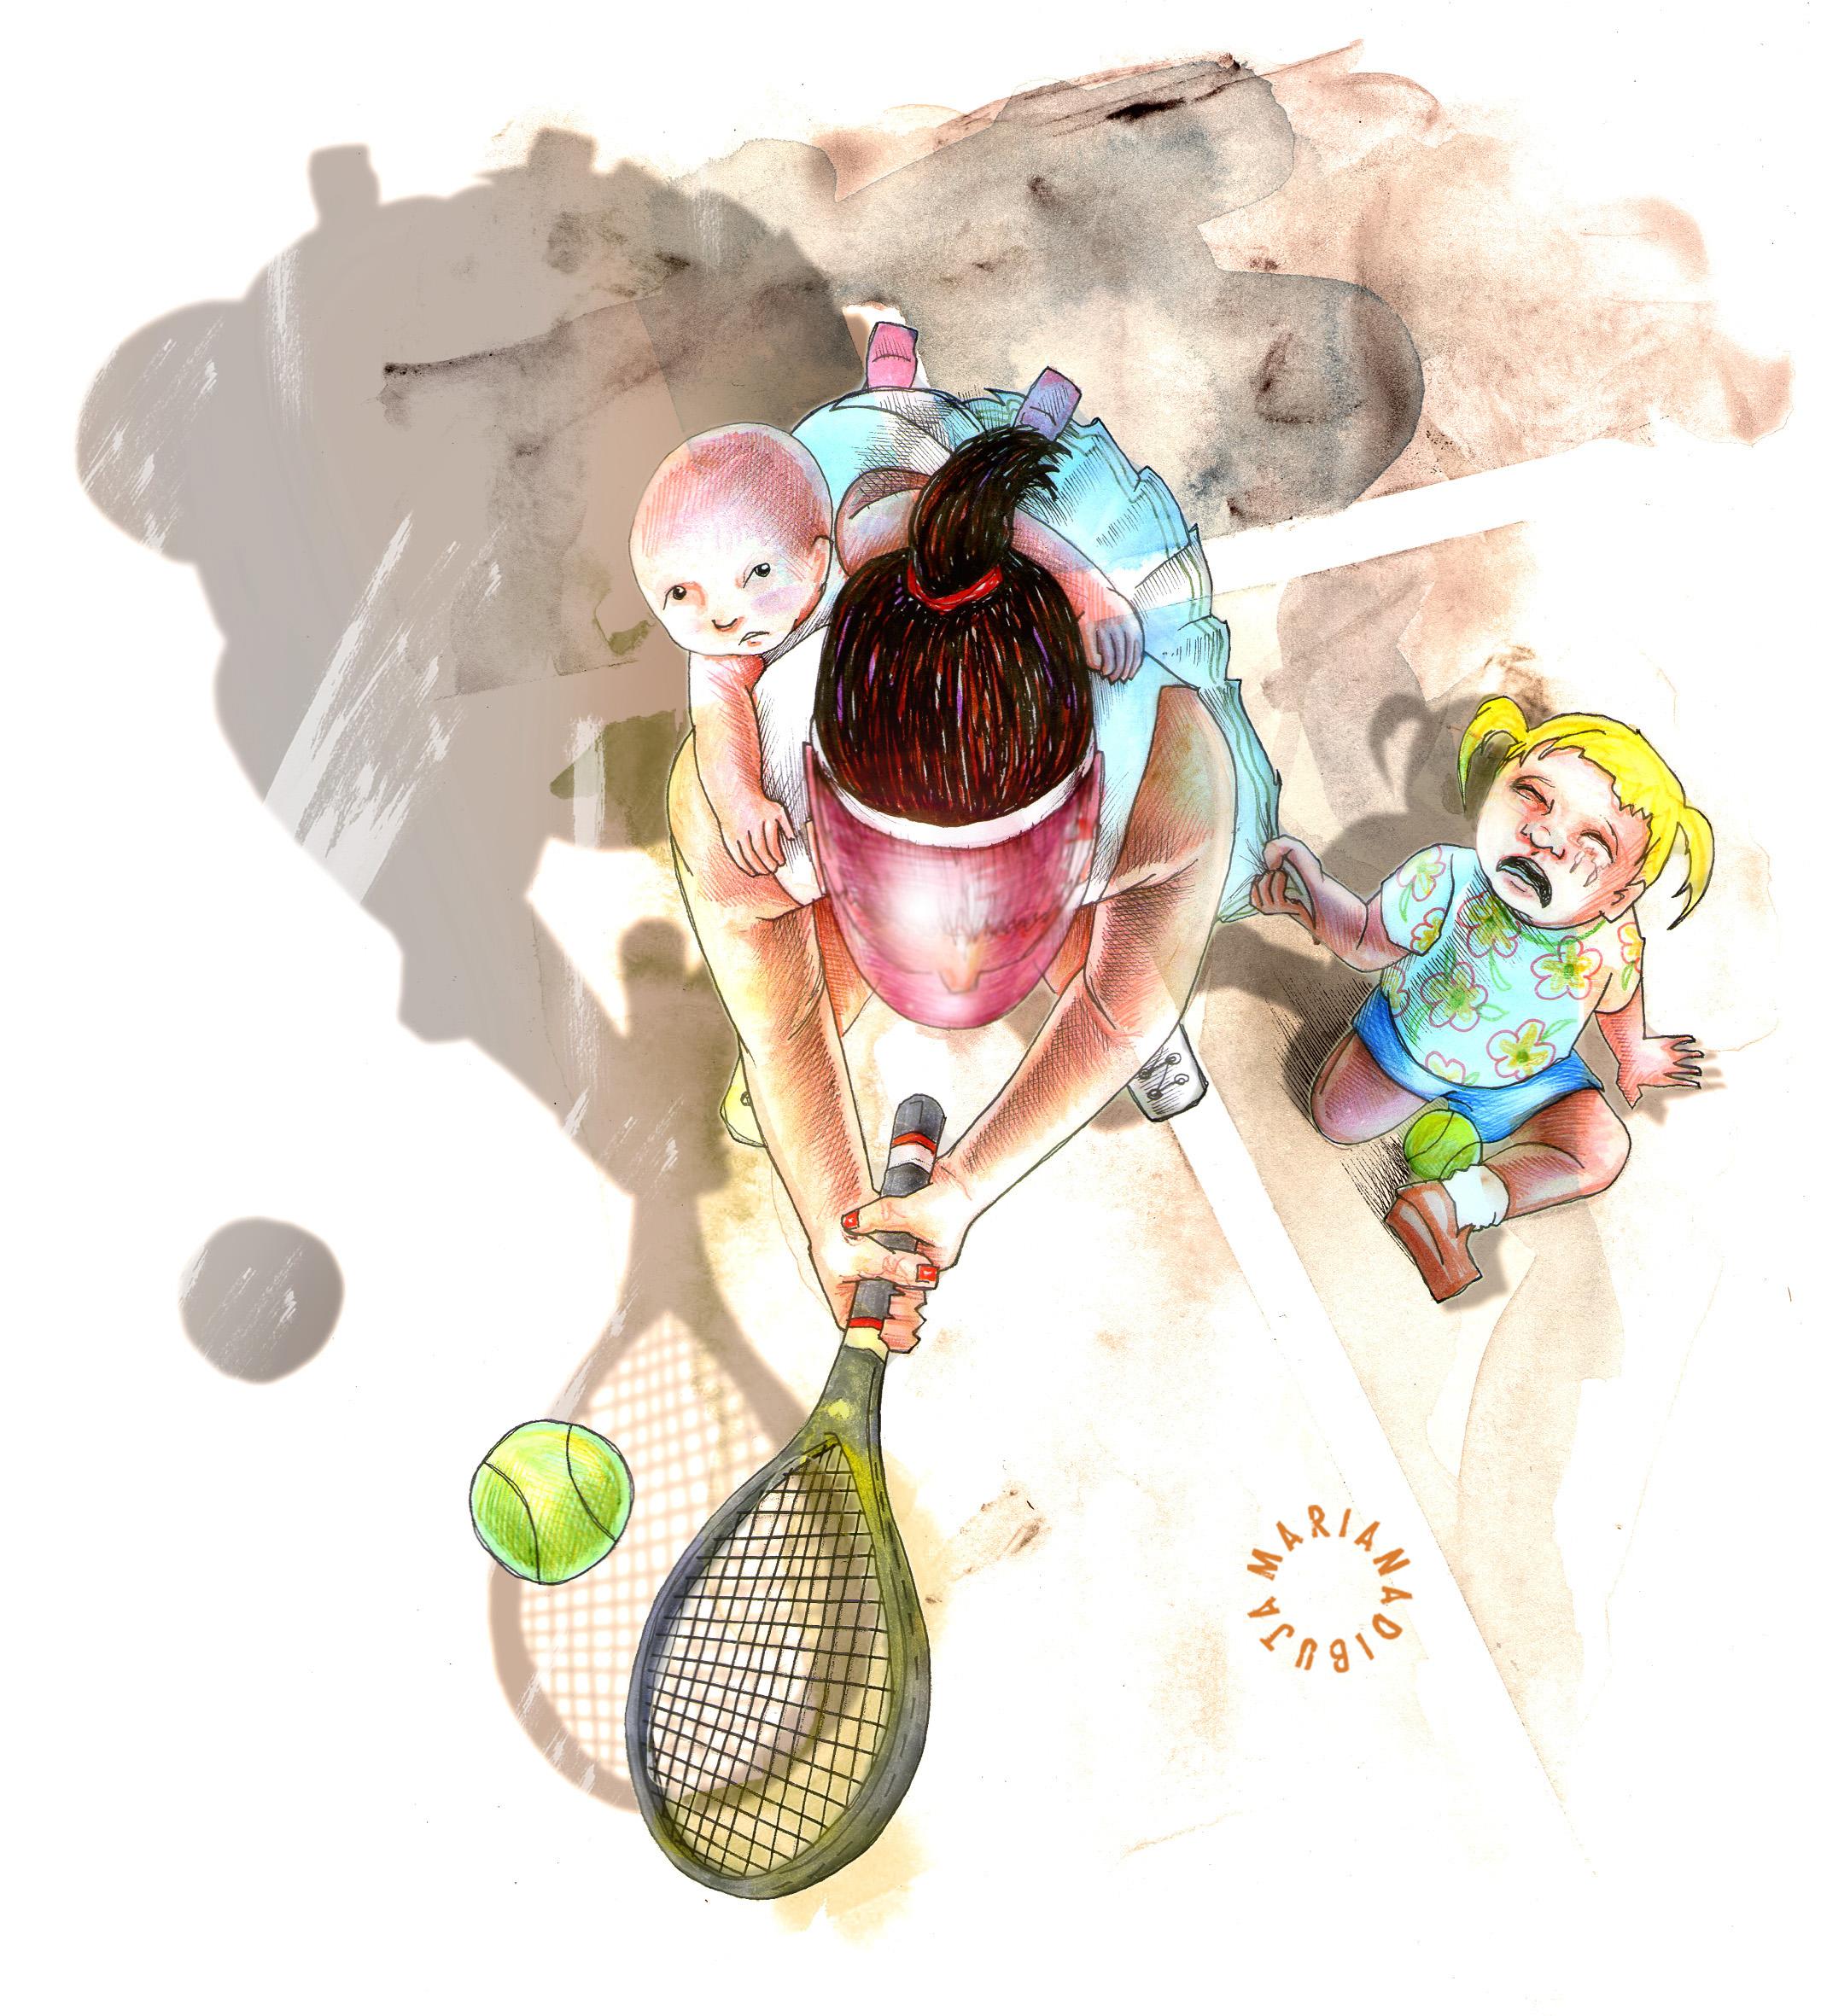 ilustración de Mariana Baizán para Revista Amalgama. Es el dibujo de una tenista siendo madre